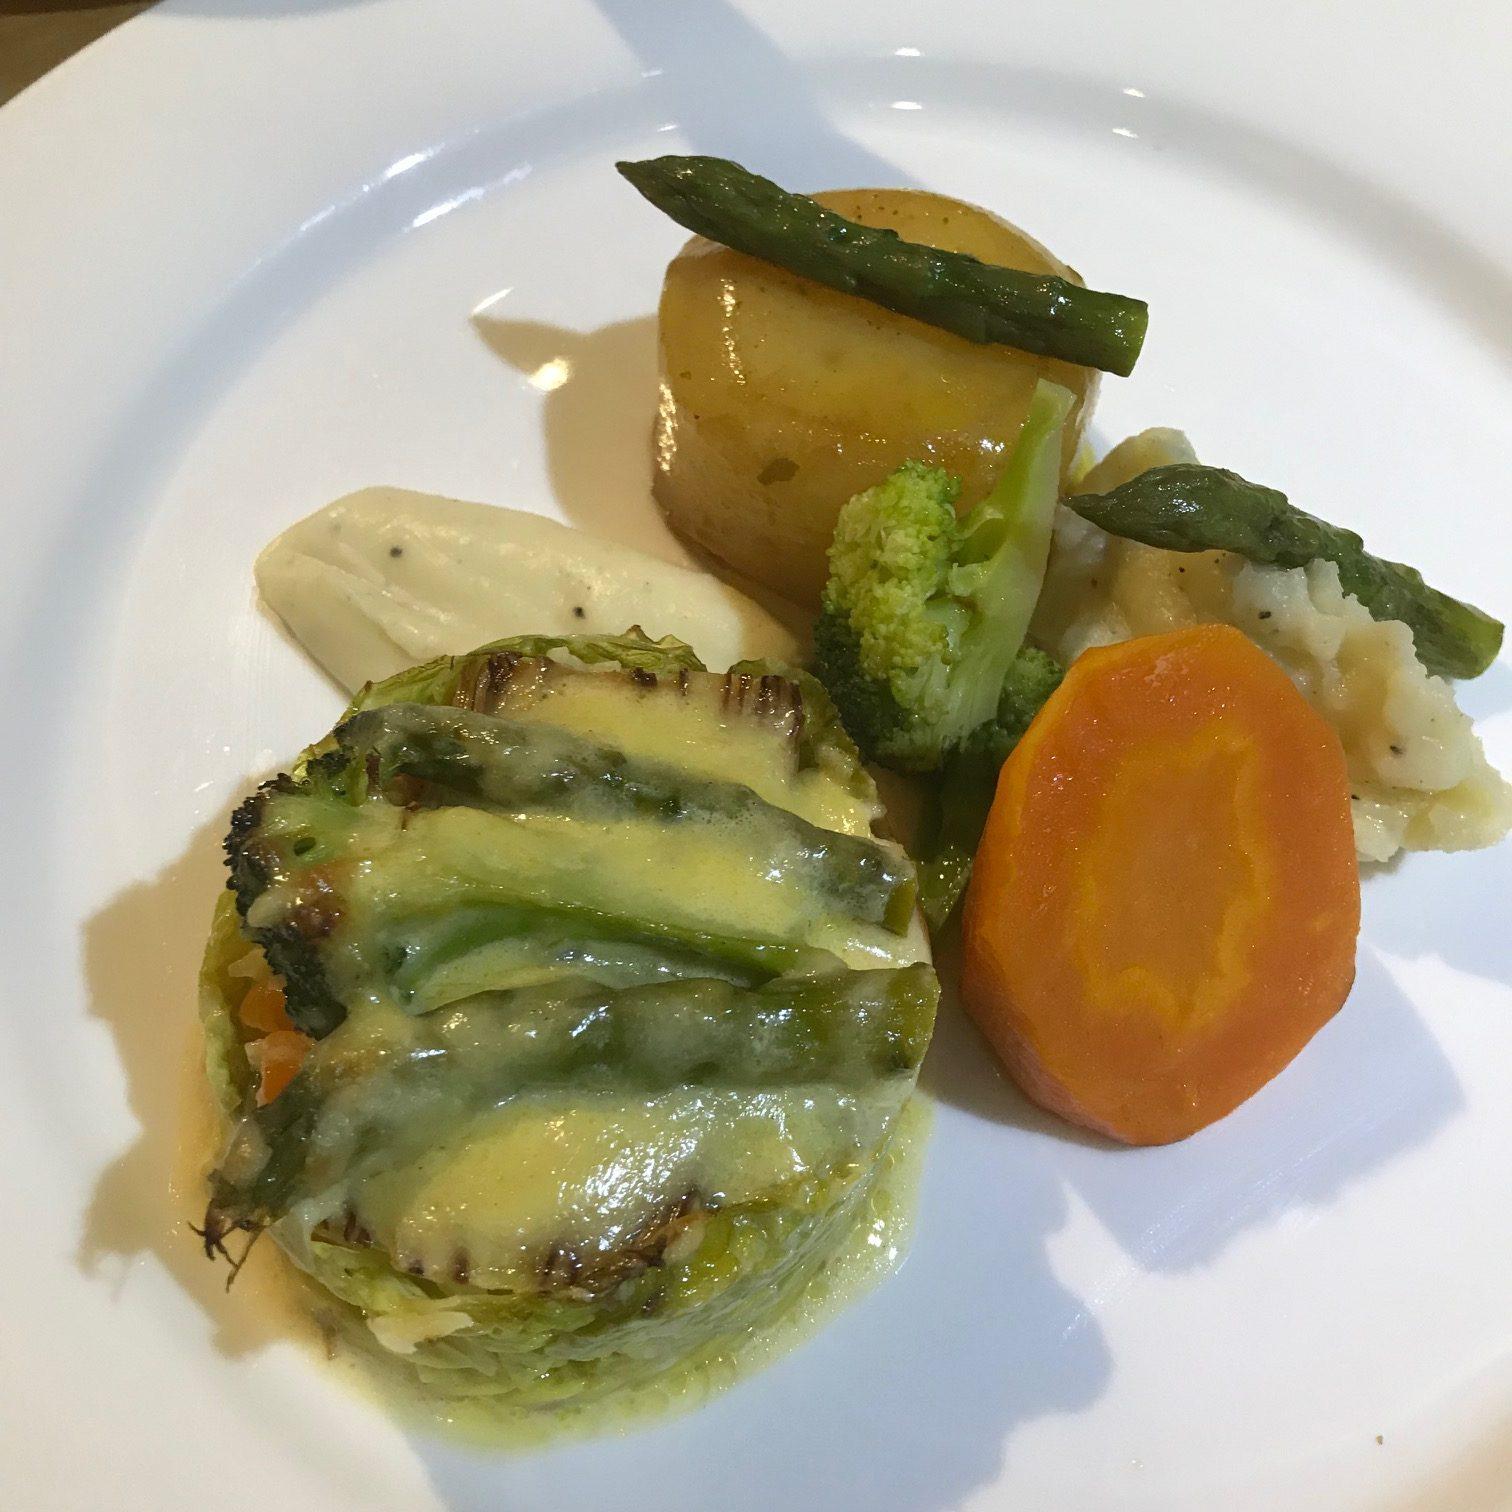 20190815 - Asparagus, Brocolli and Leek Gratin